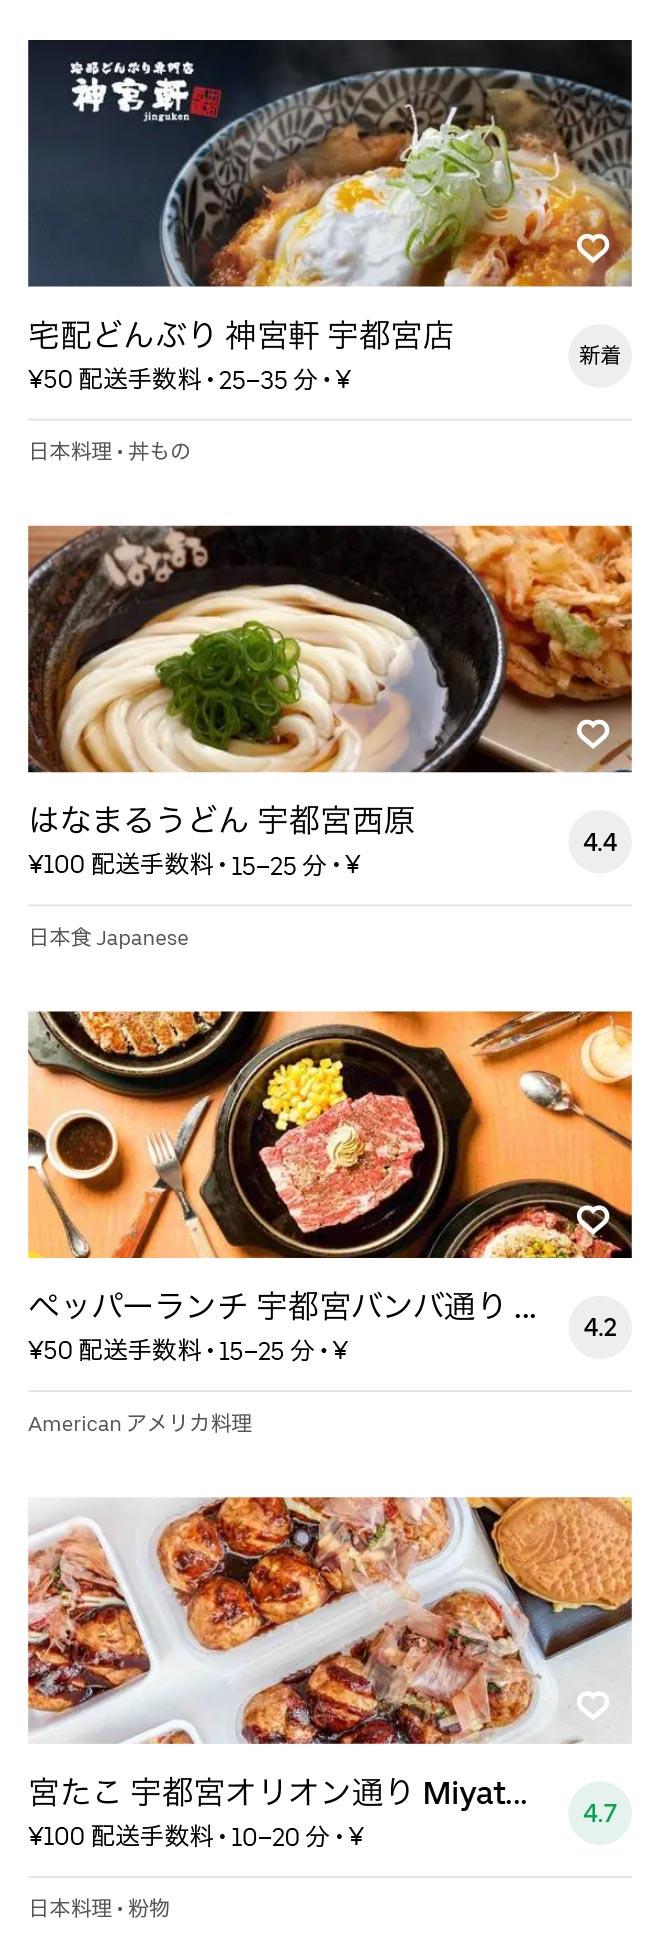 Tobu utsunomiya menu 2010 03